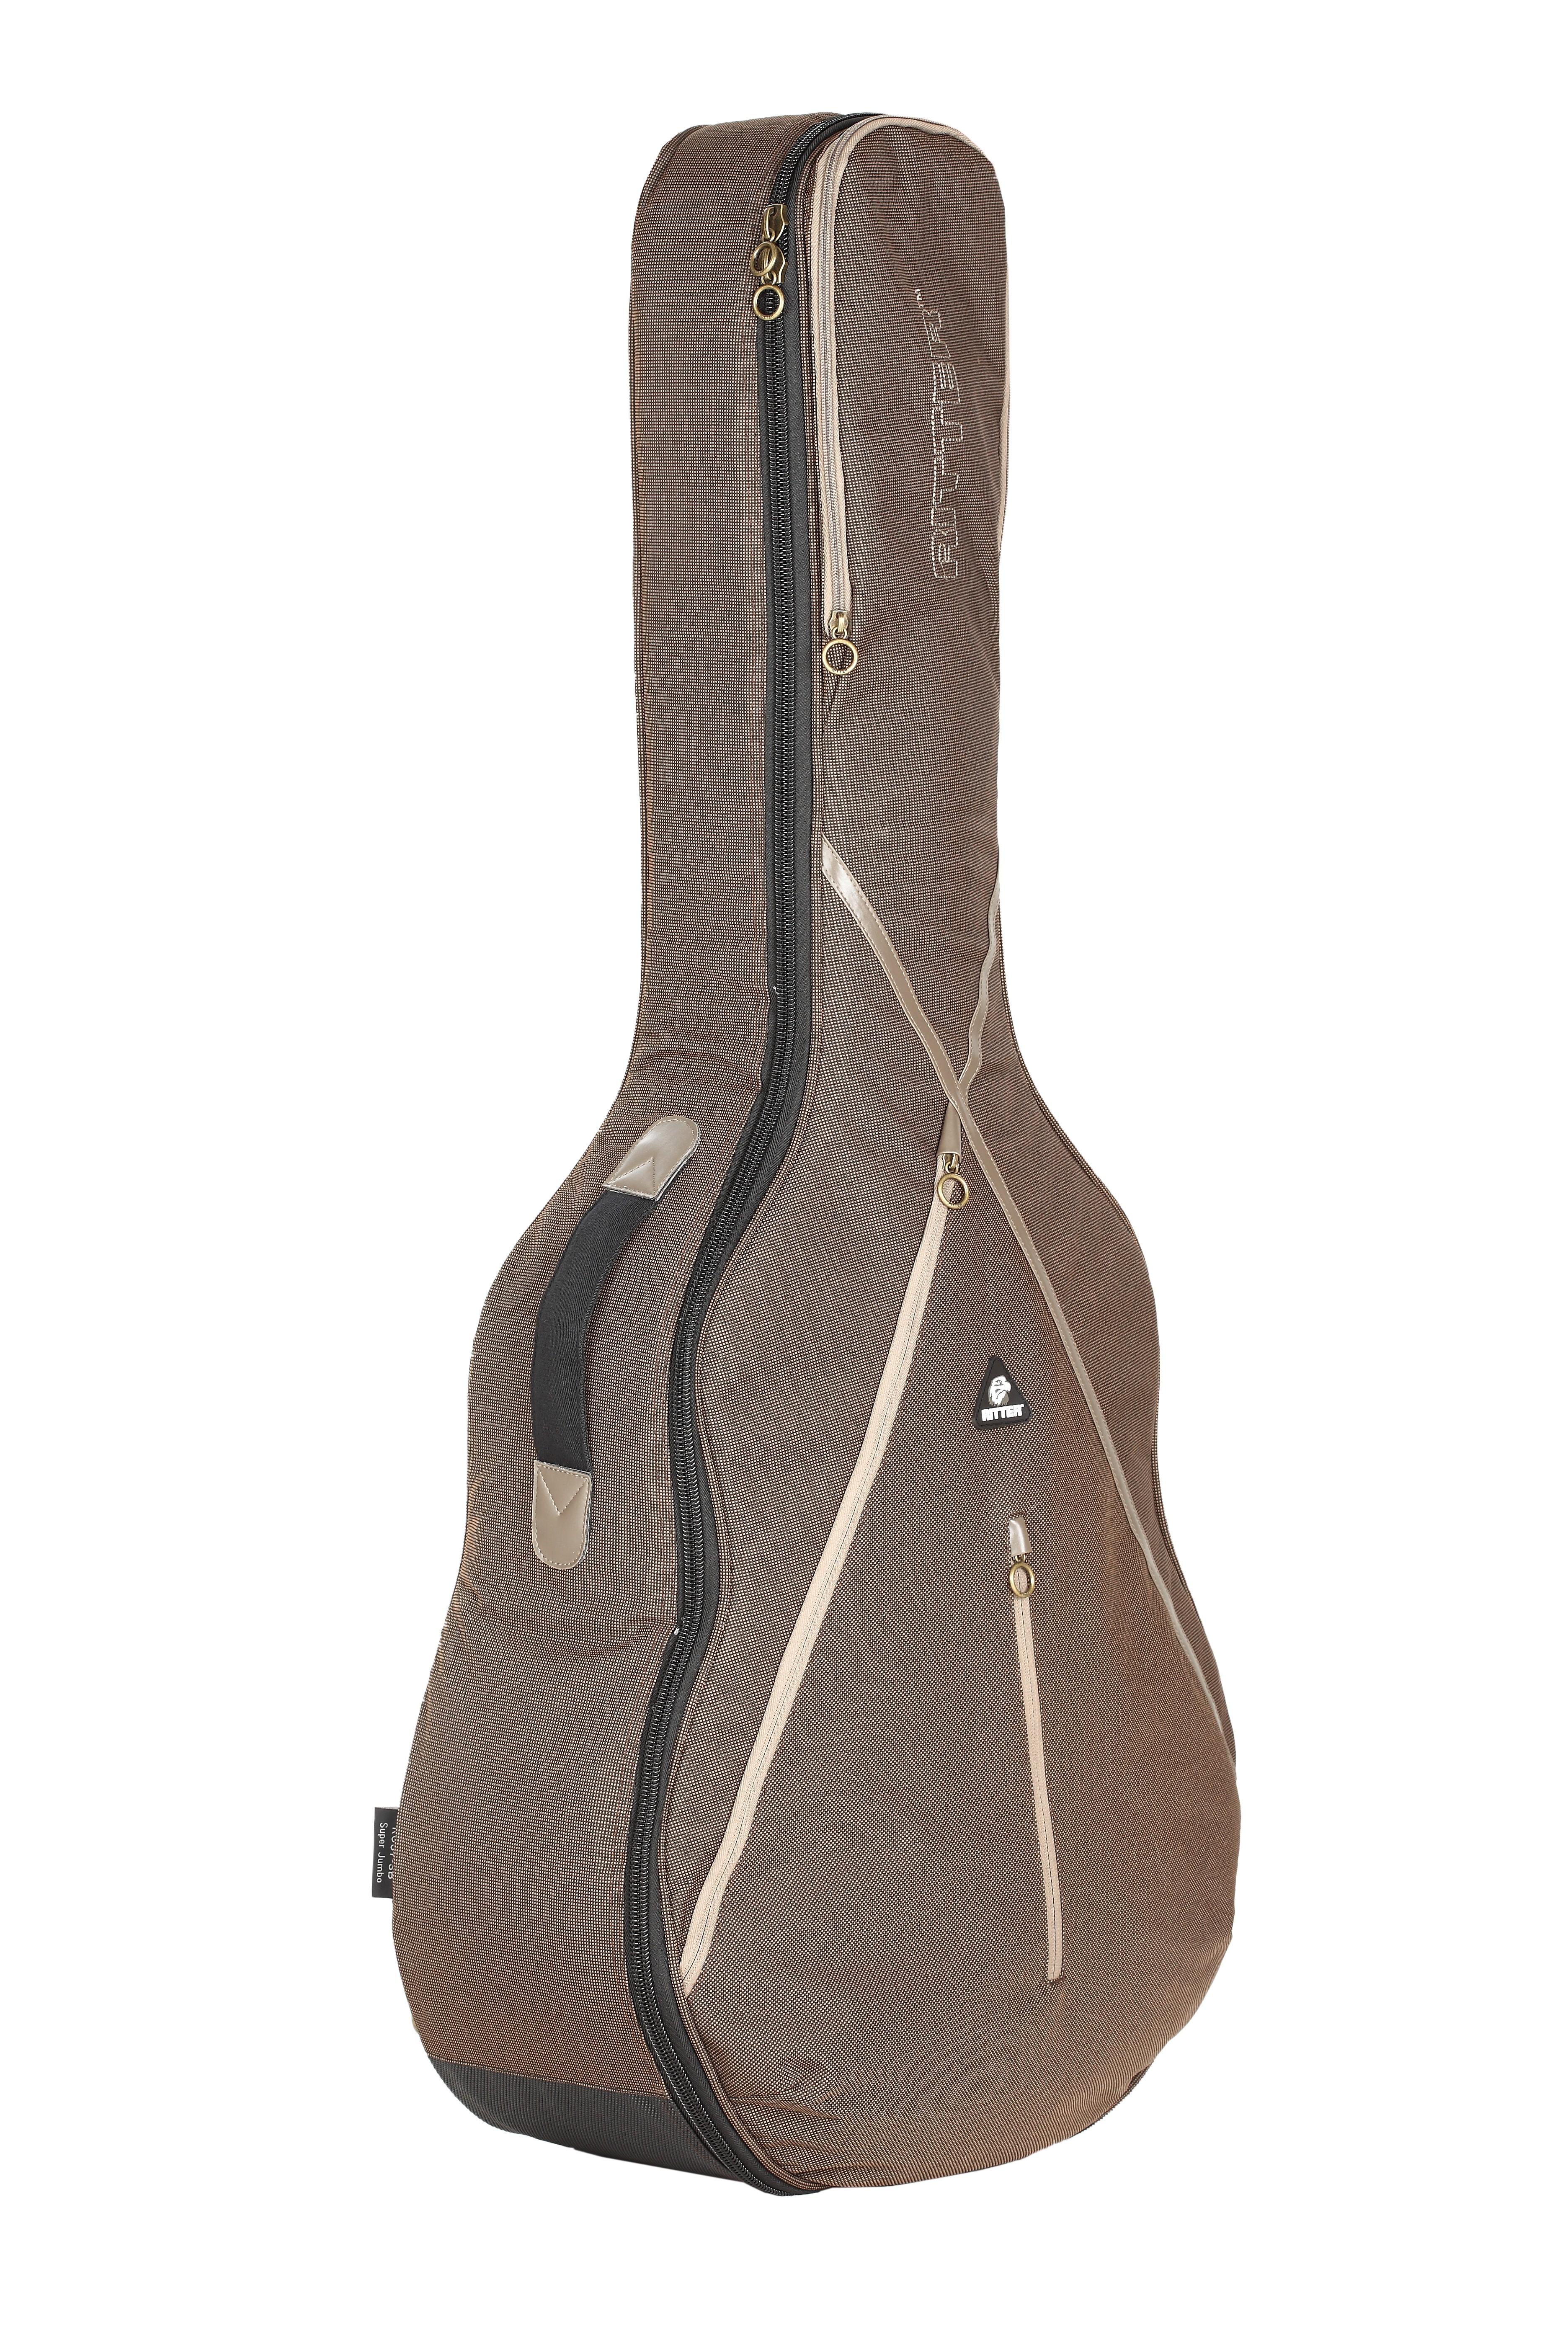 Ritter RGS7-SB/BDT Super Jumbo Acoustic Guitar Bag - Bison/Desert